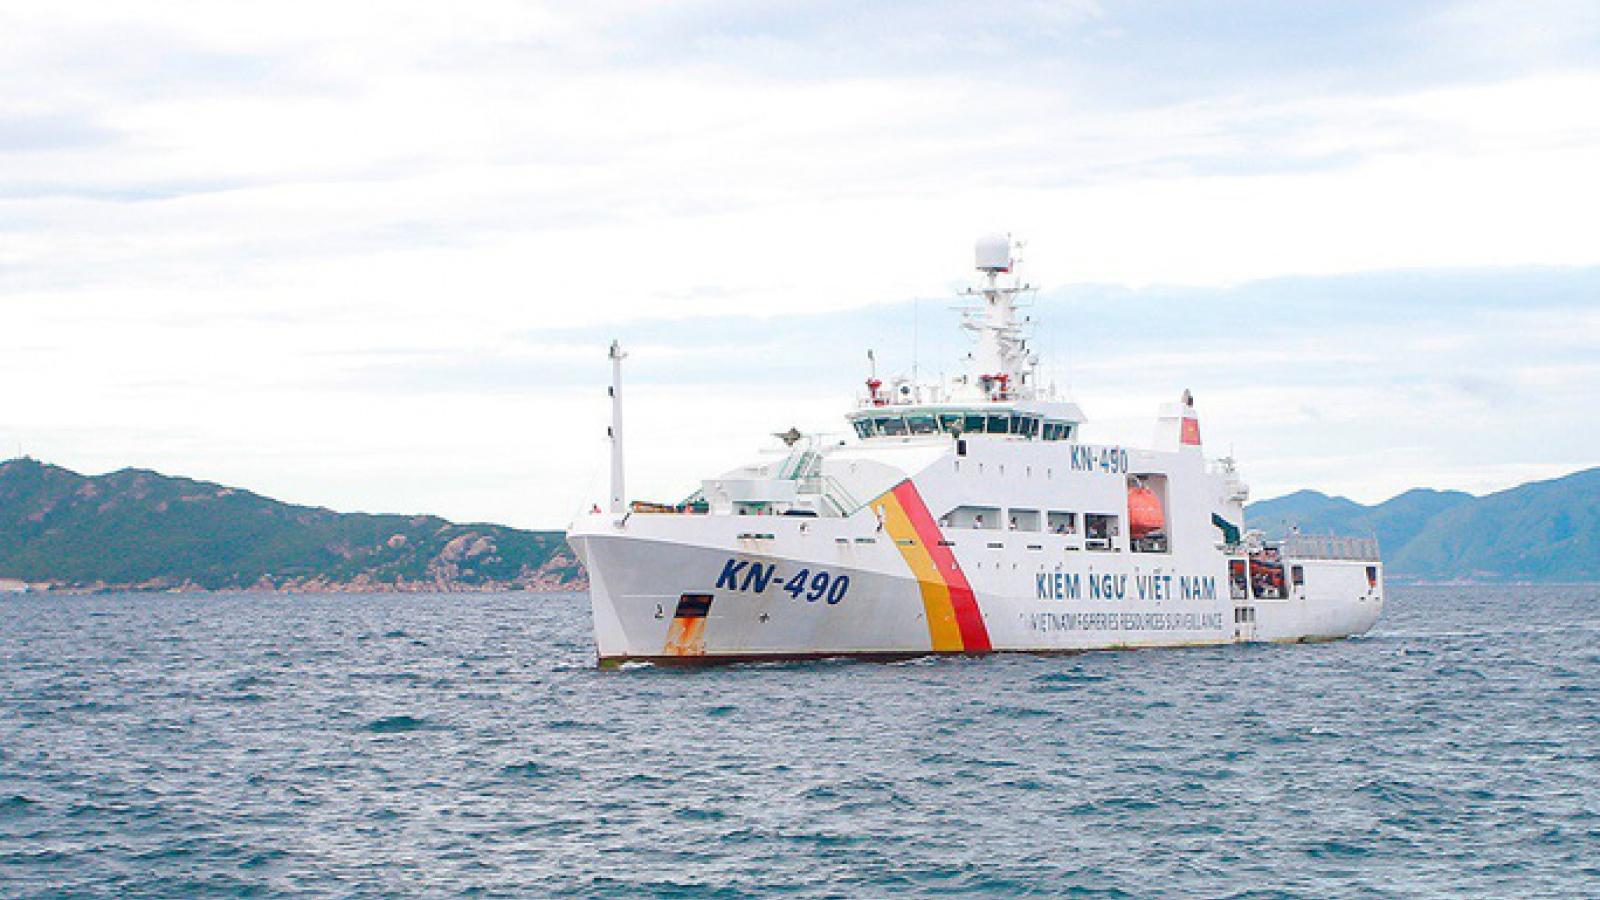 Tạm dừng tìm kiếm ngư dân mất tích do thời tiết trên biển diễn biến xấu